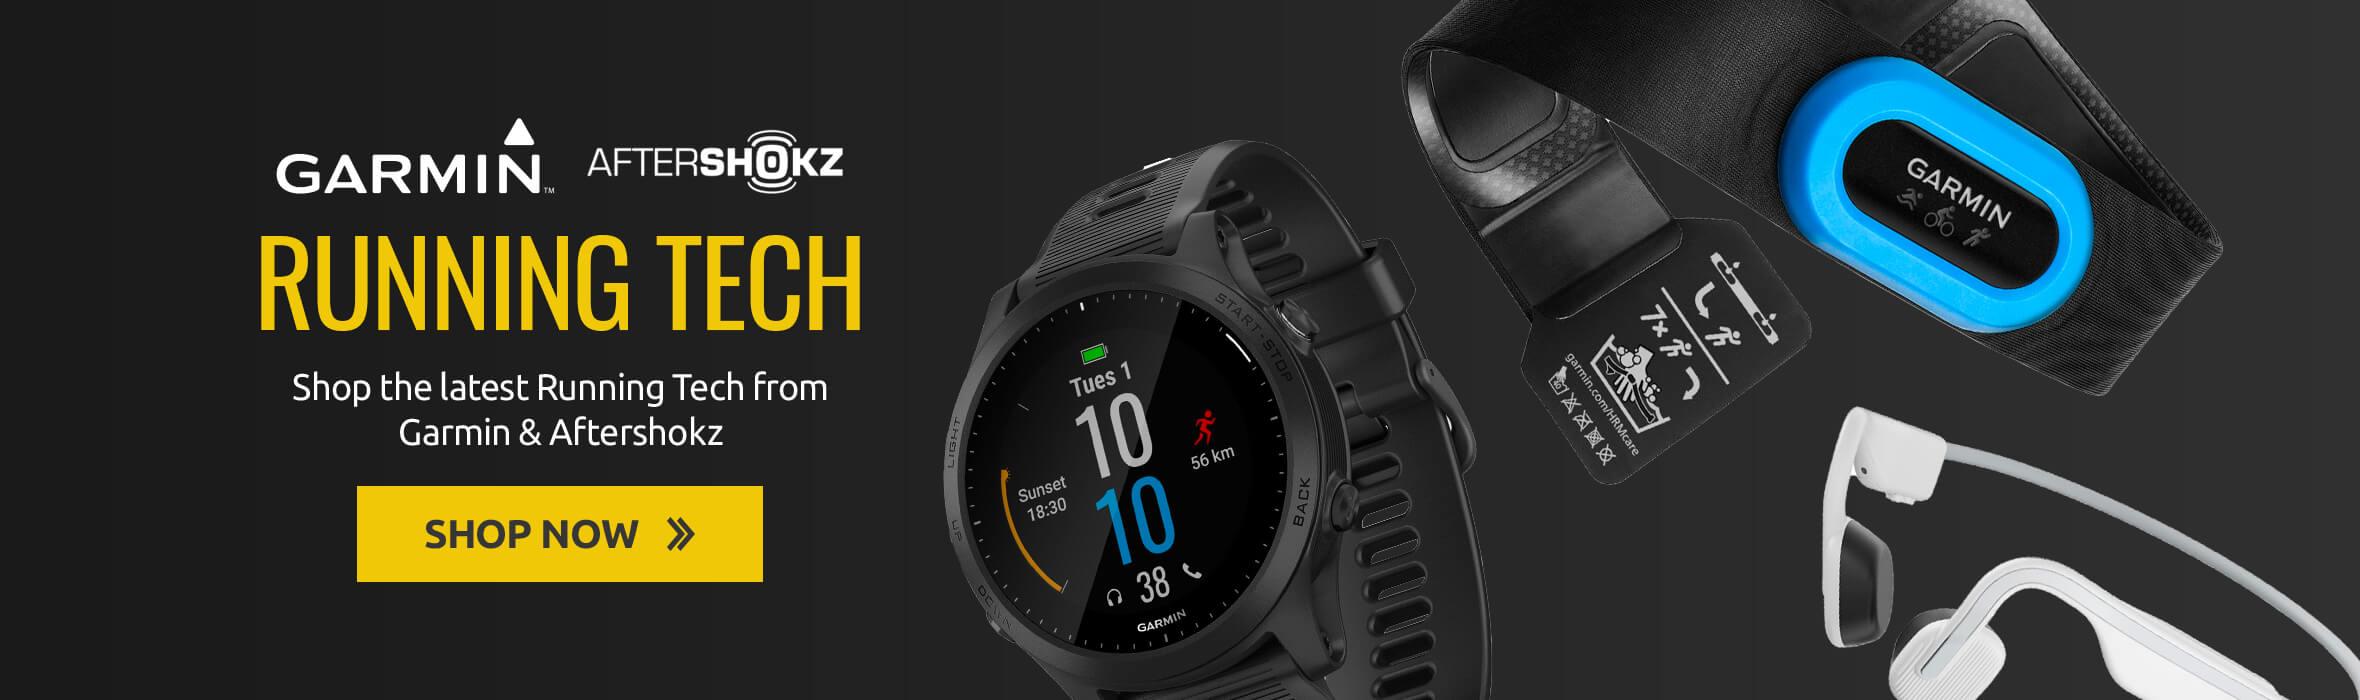 Shop the latest Running Tech from Garmin & Aftershokz